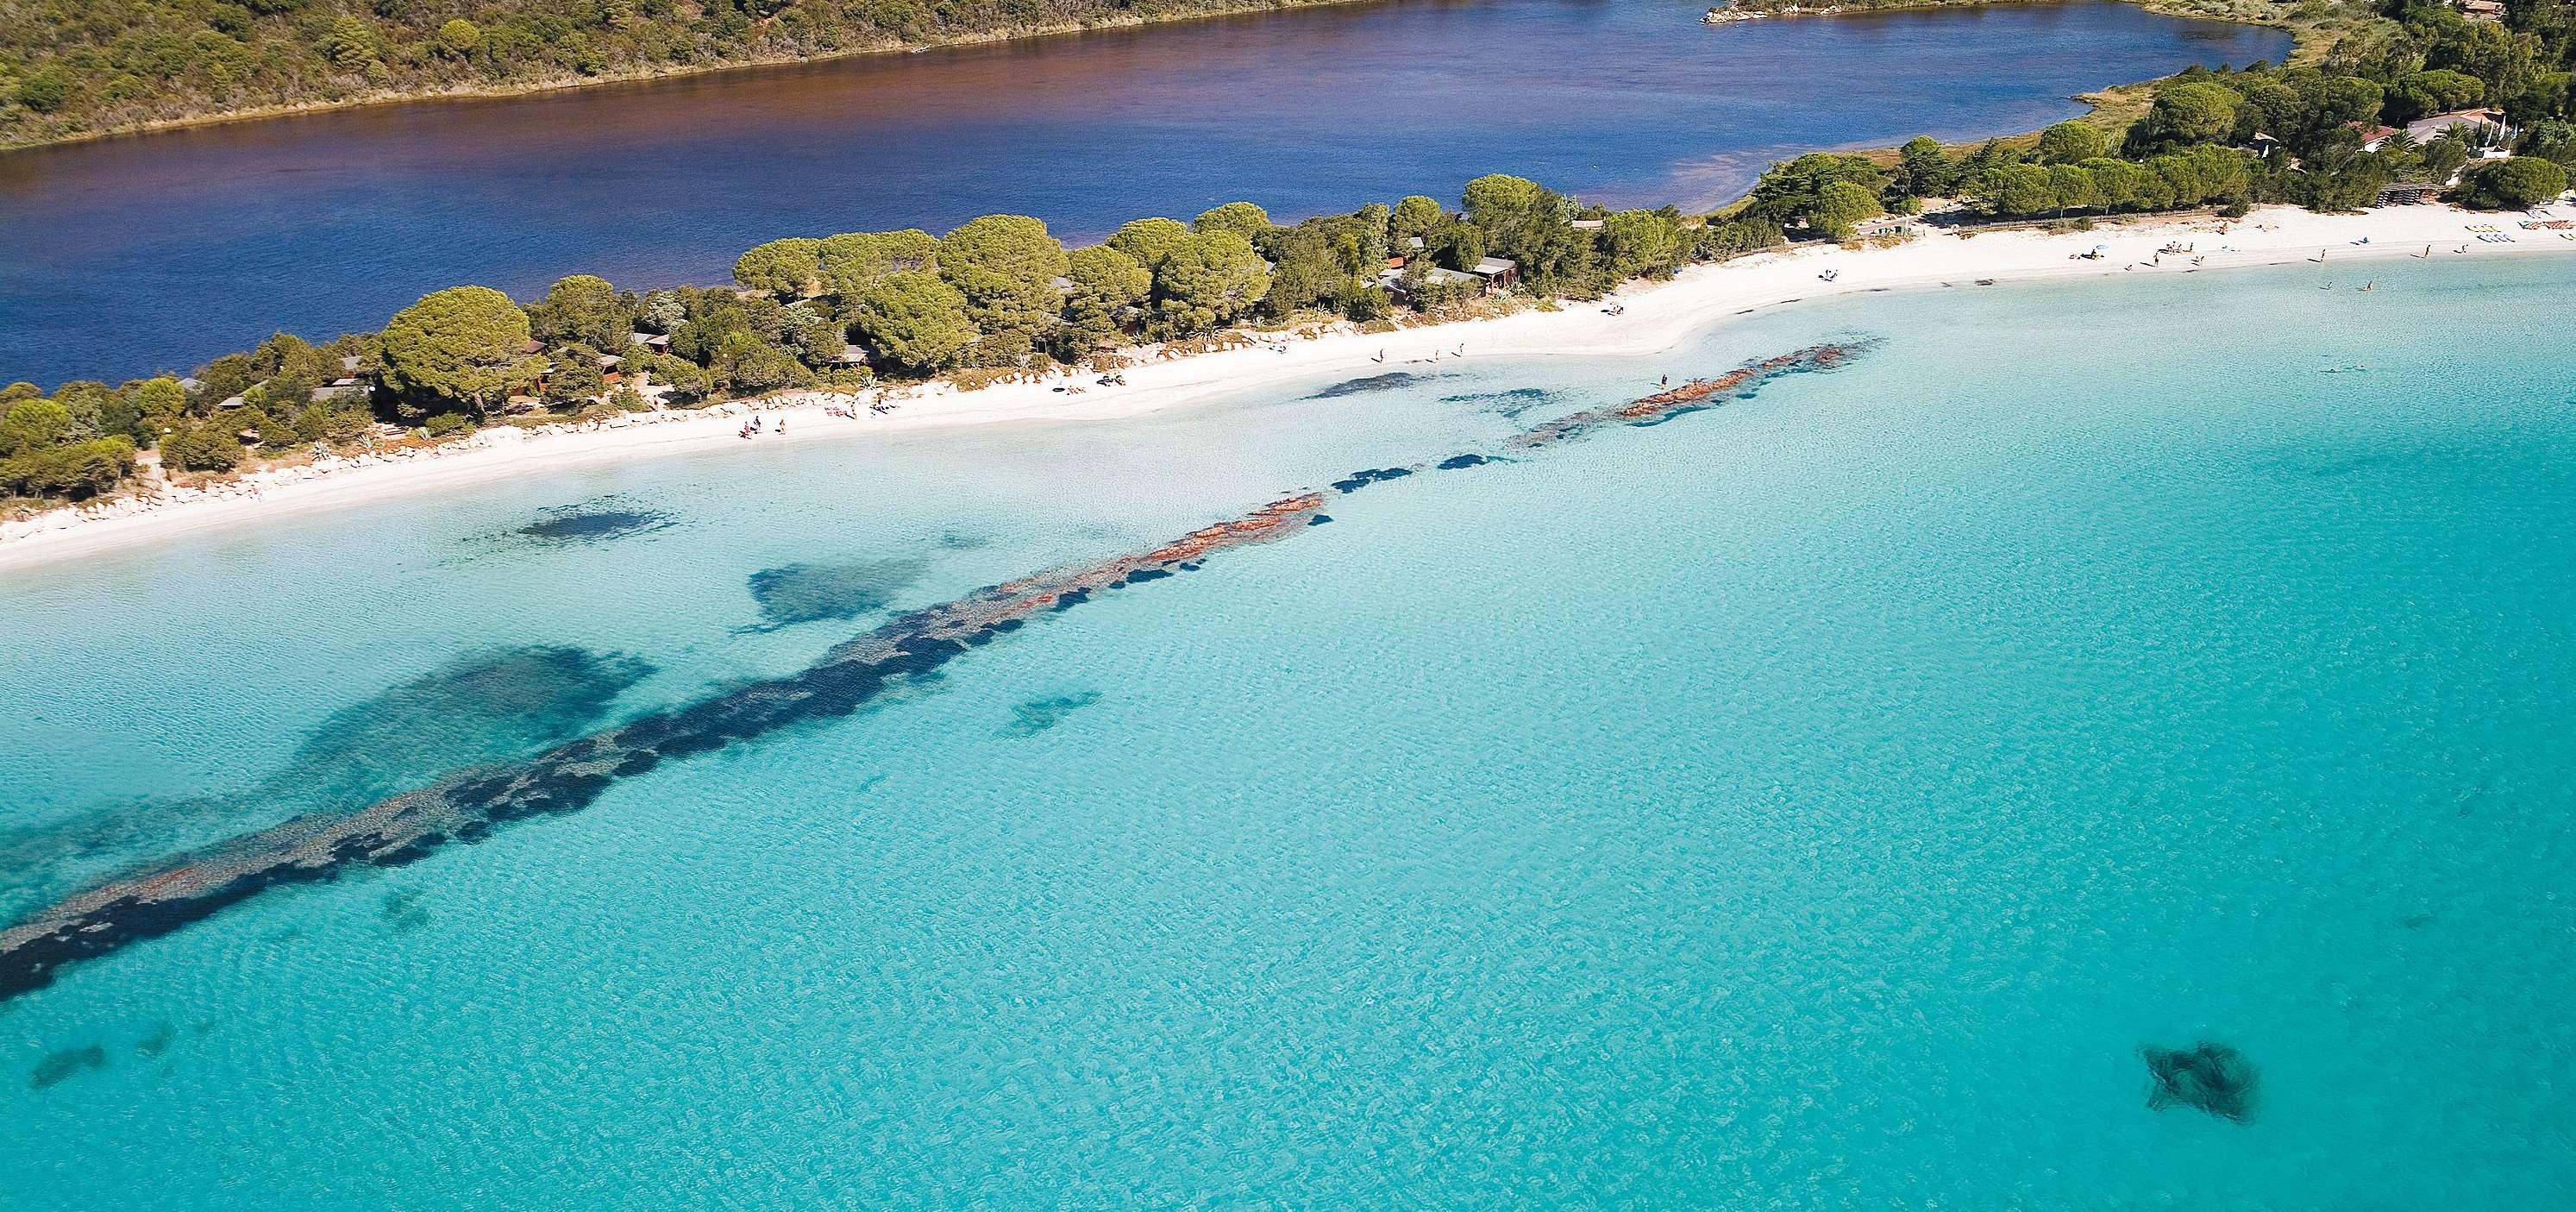 Location Villa En Corse